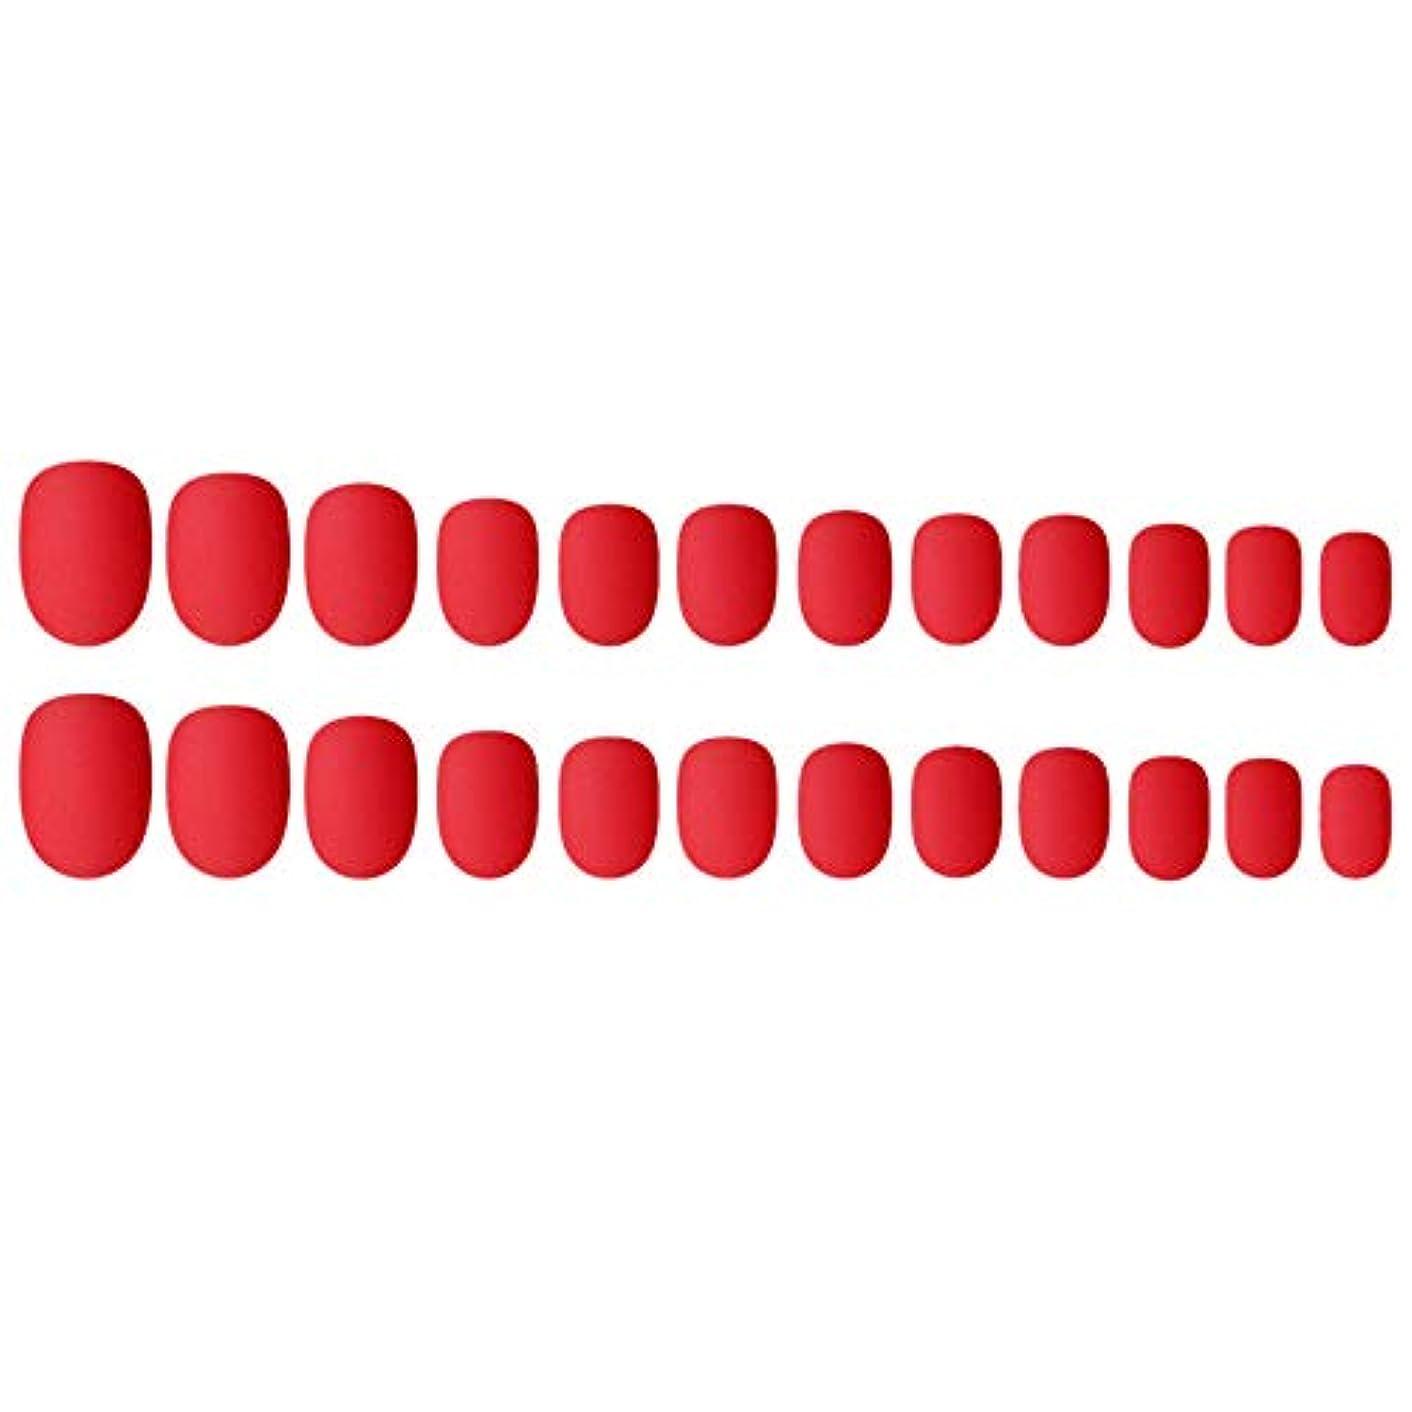 水っぽい列挙するDecdeal ネイルチップ 24ピース 偽ネイルのヒント 12種類のサイズ ネイルサロン diy ネイルアートツール